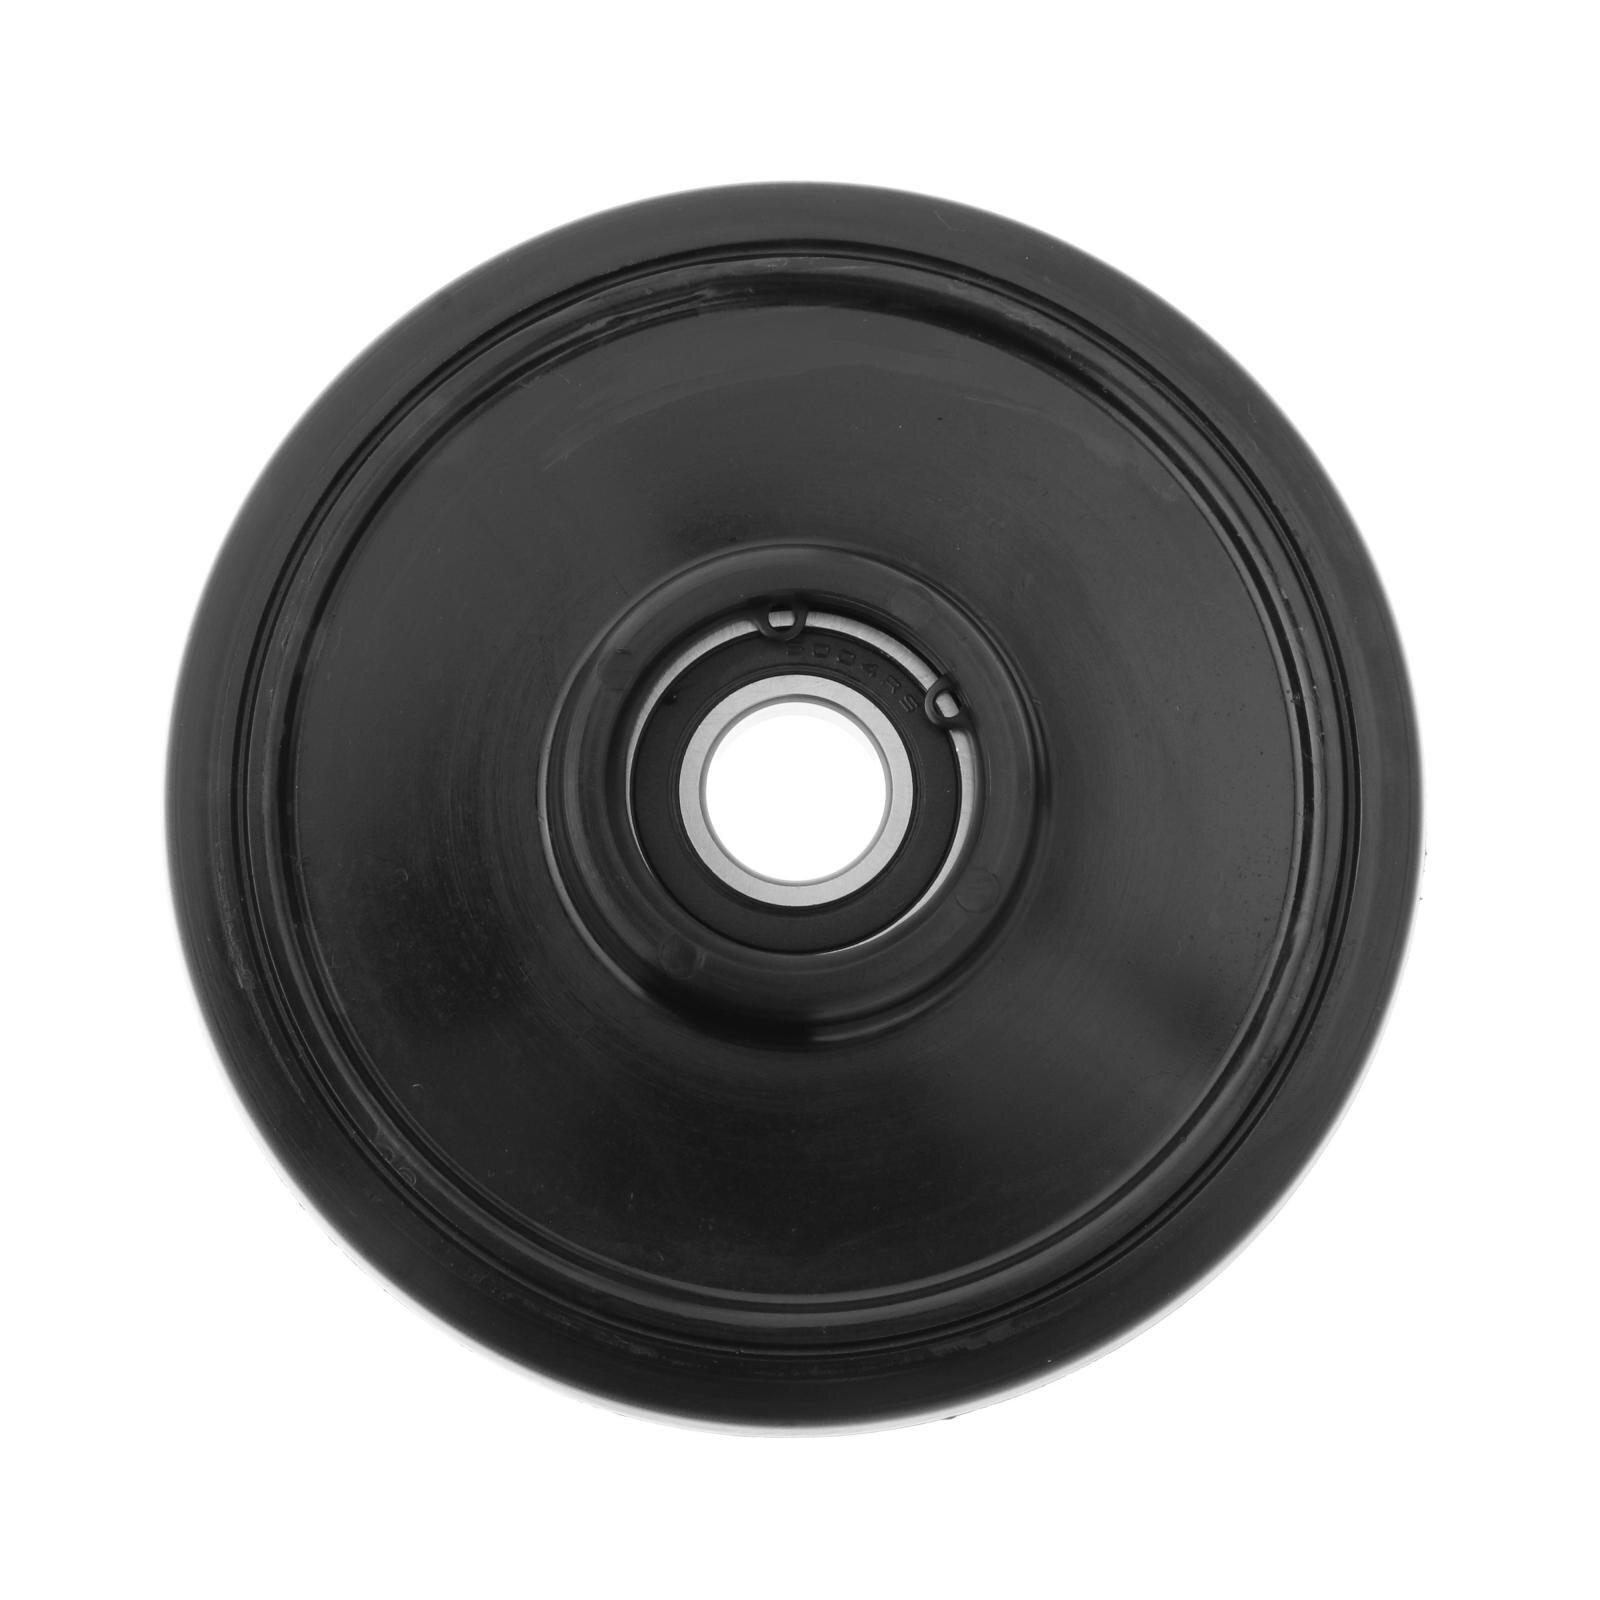 عجلة وسيطة مع تحمل ل بولاريس 2604-196 3604-047 3604-681 3604-807